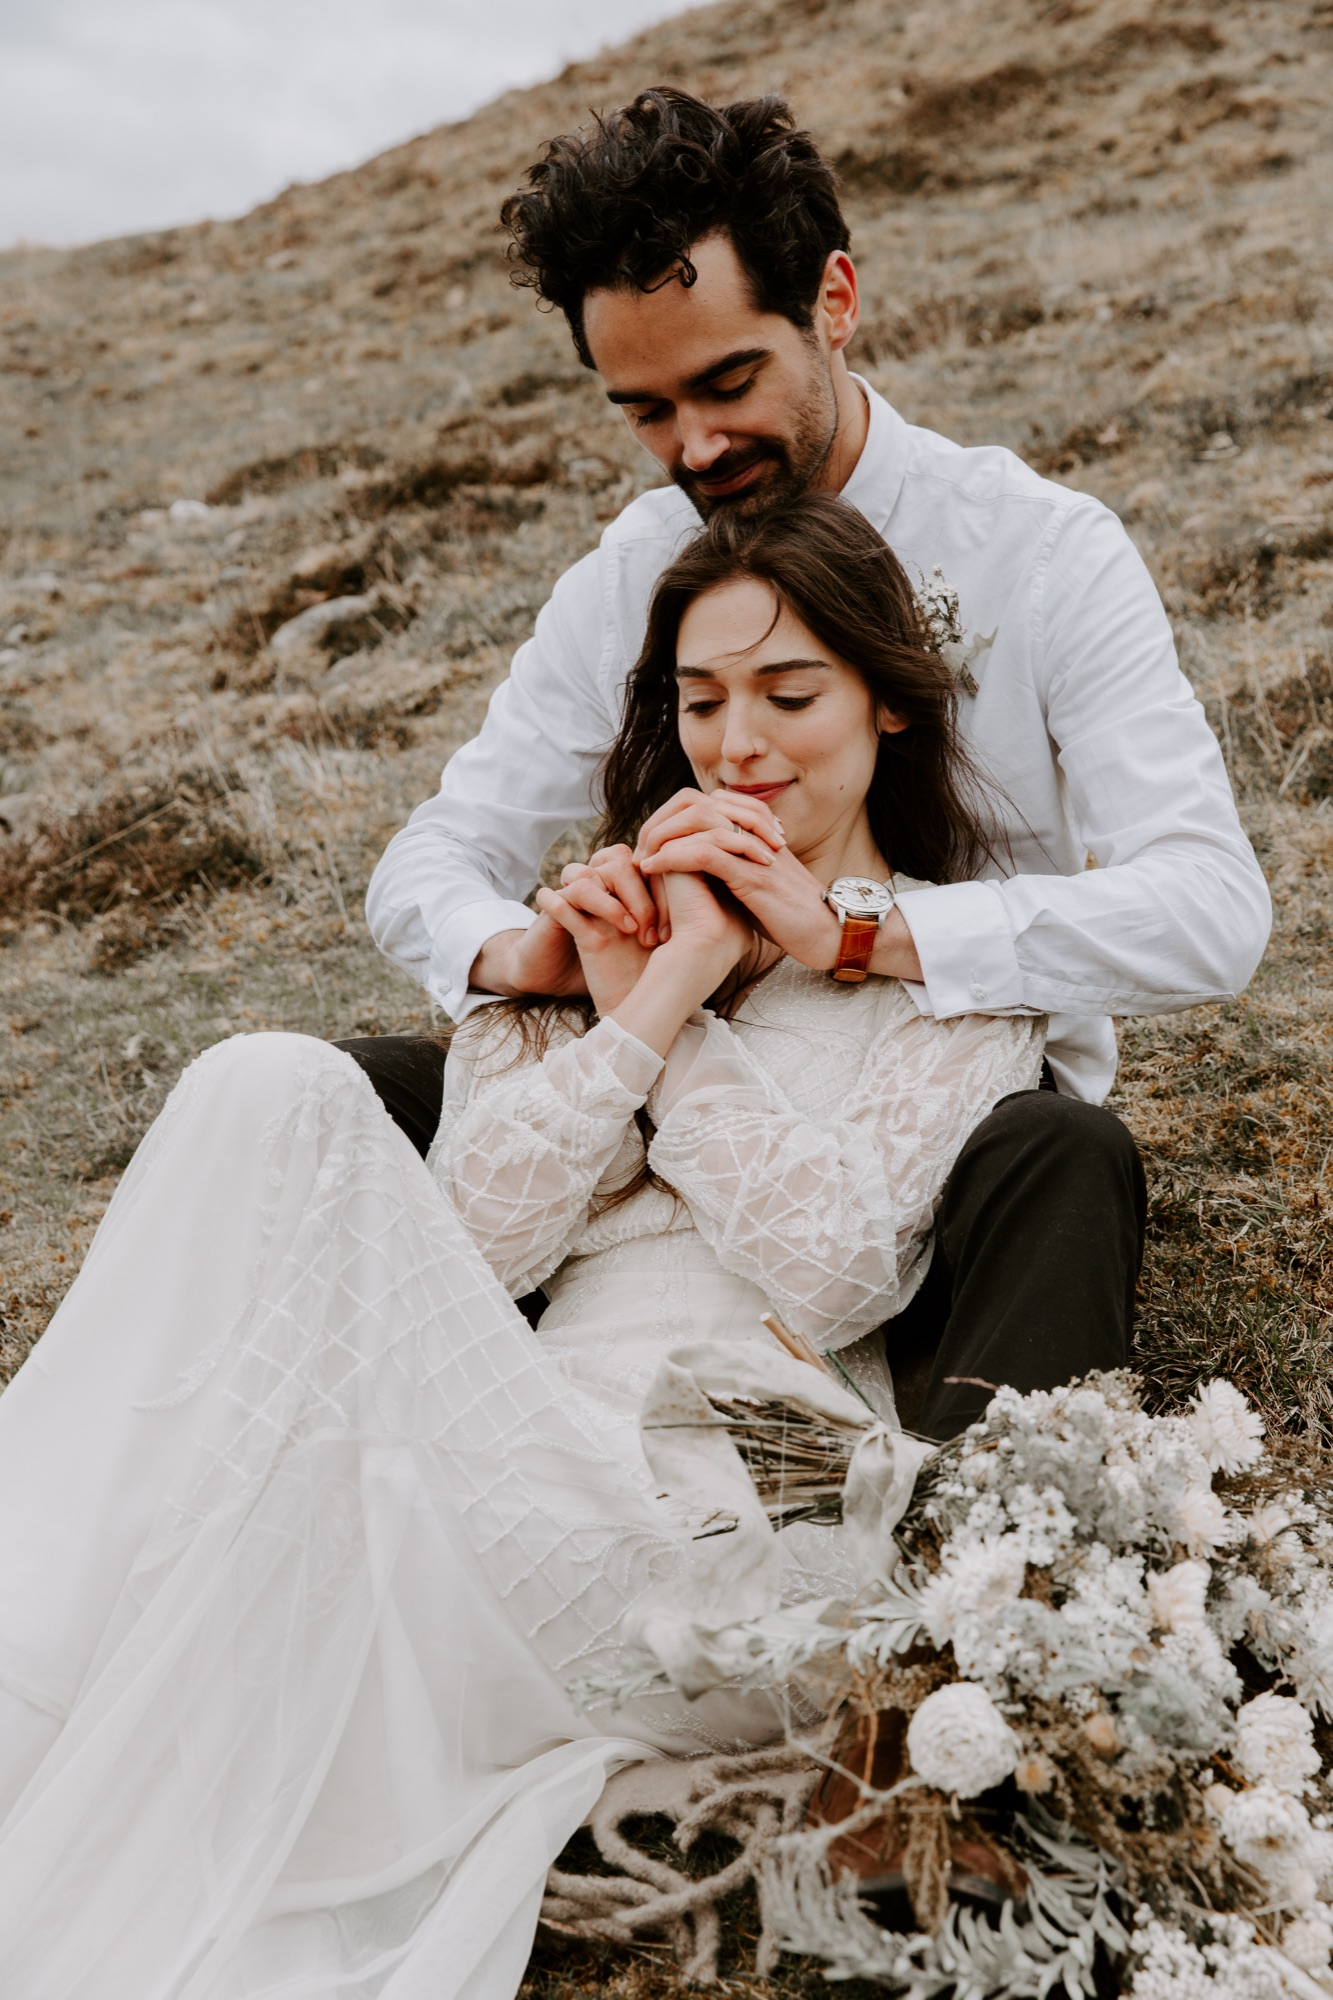 Wedding_Photography-31